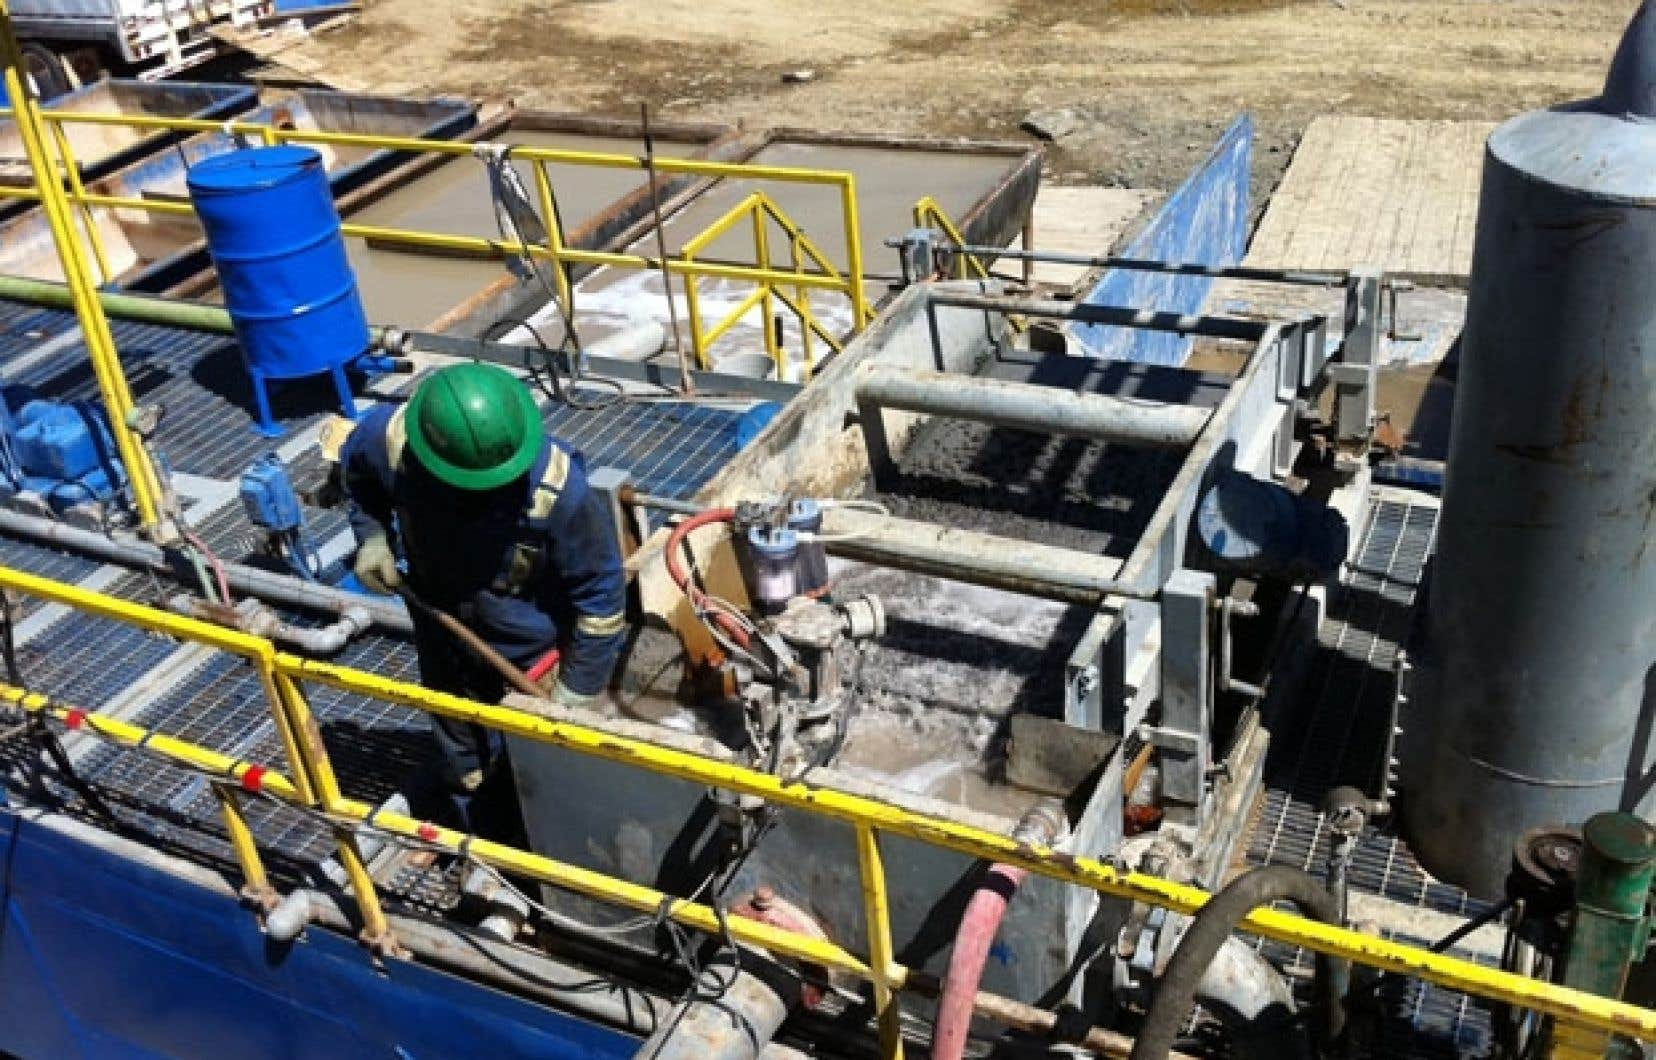 Les municipalités ne peuvent cependant pas empêcher des projets pétroliers sur leur territoire.